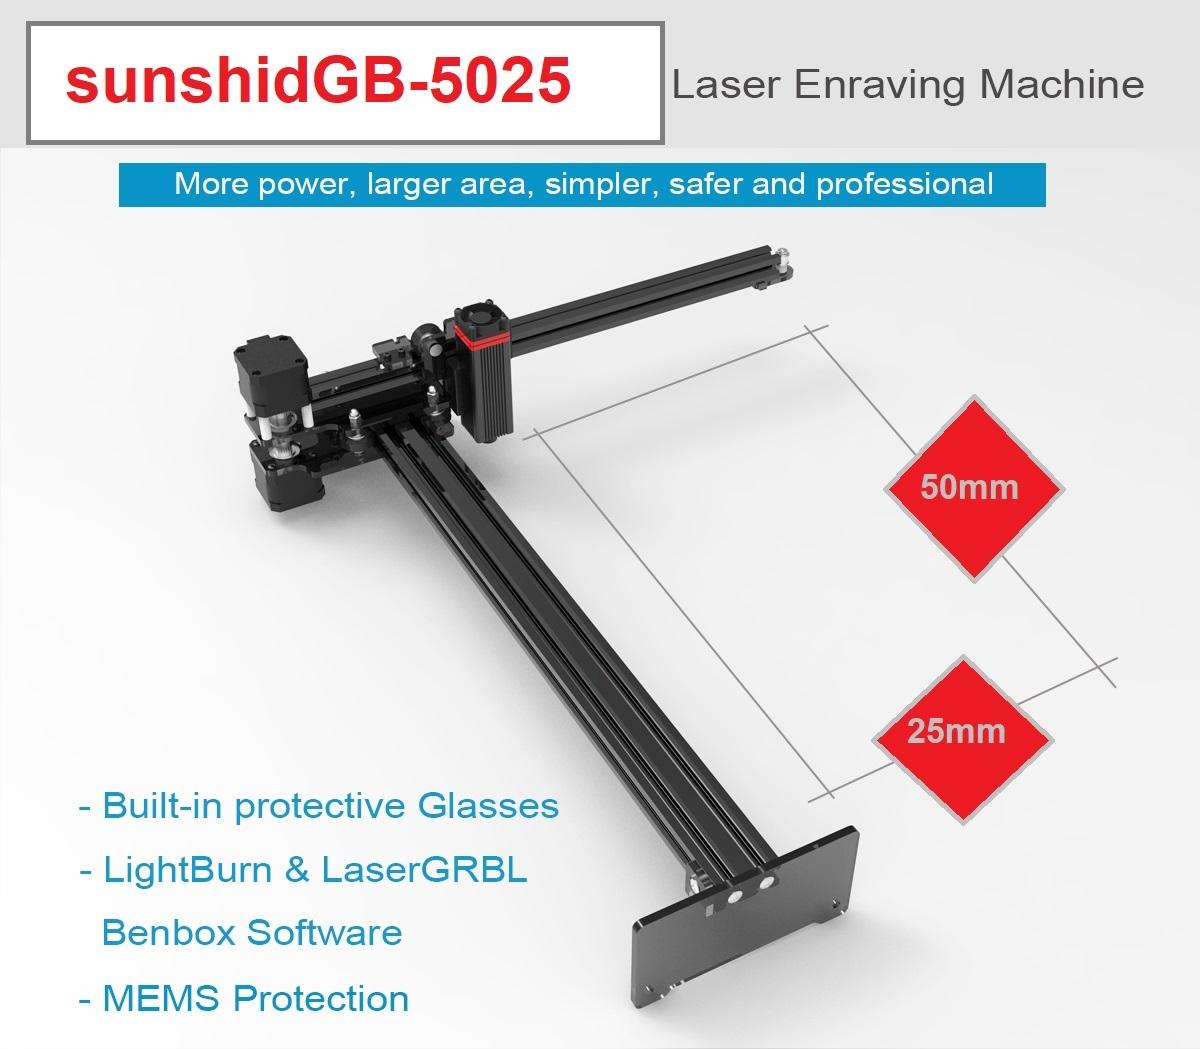 دستگاه لیزر حکاکی و برش لیزری سانشید مدل GB-5025